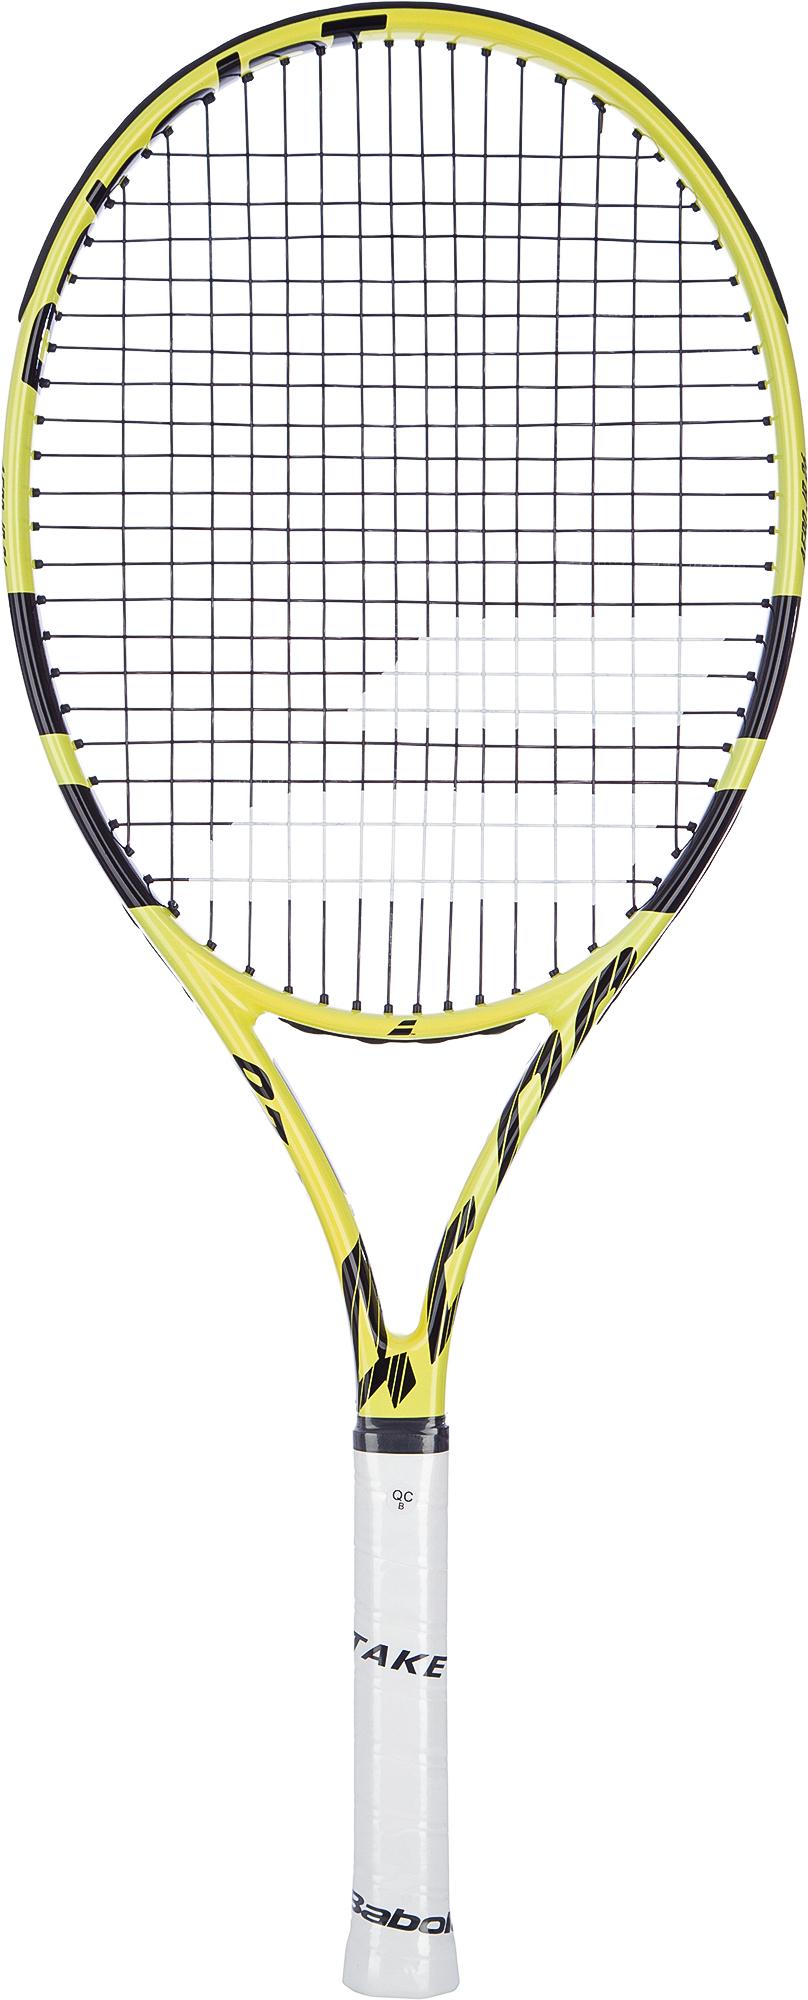 Babolat Ракетка для большого тенниса детская Babolat AERO JUNIOR 26 babolat набор мячей для большого тенниса babolat championship x3 размер без размера